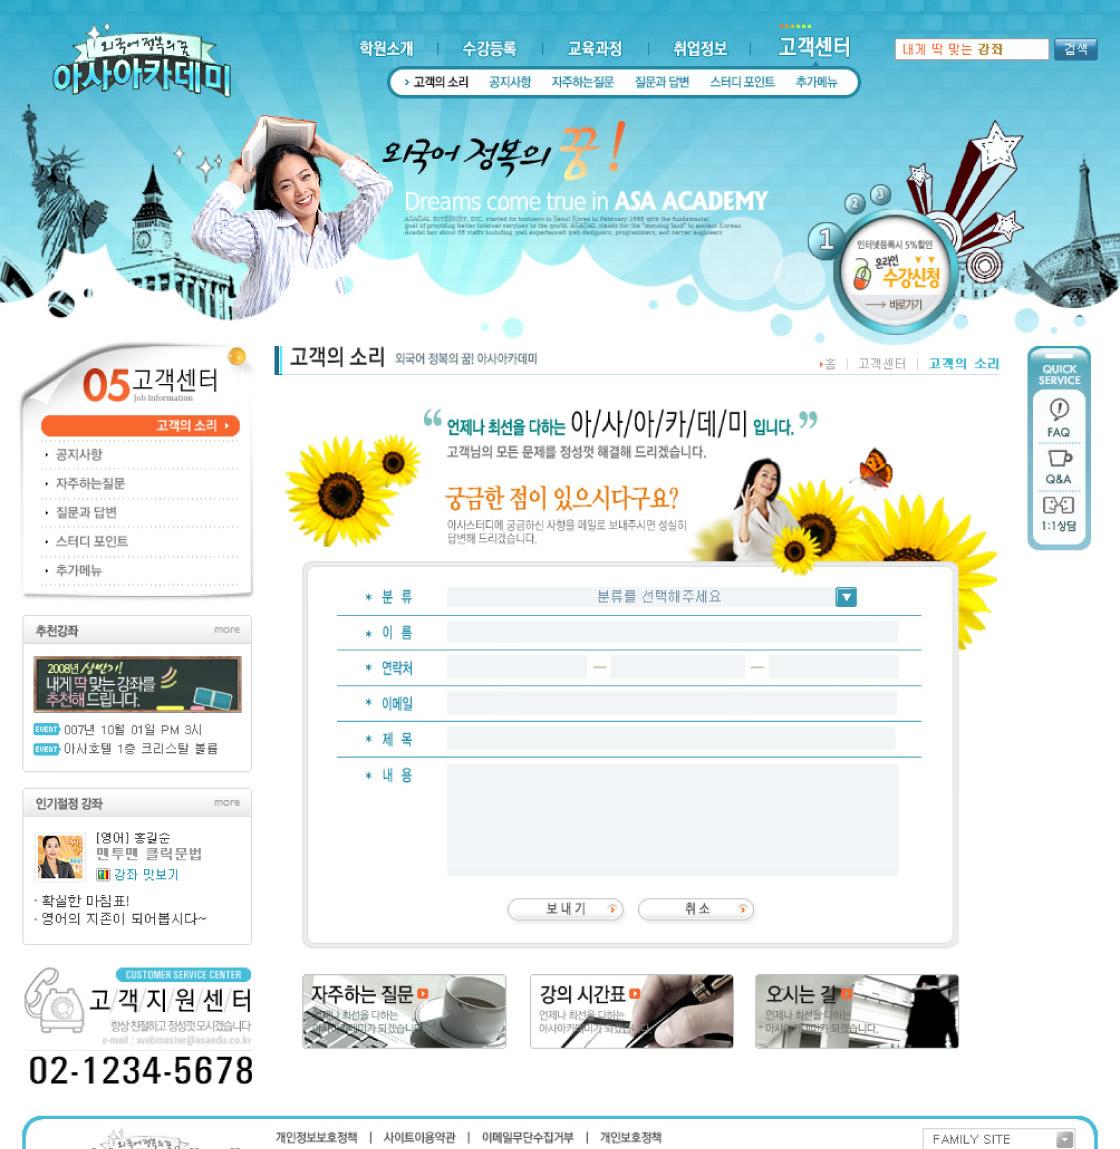 網頁設計帶給是更是形象發展